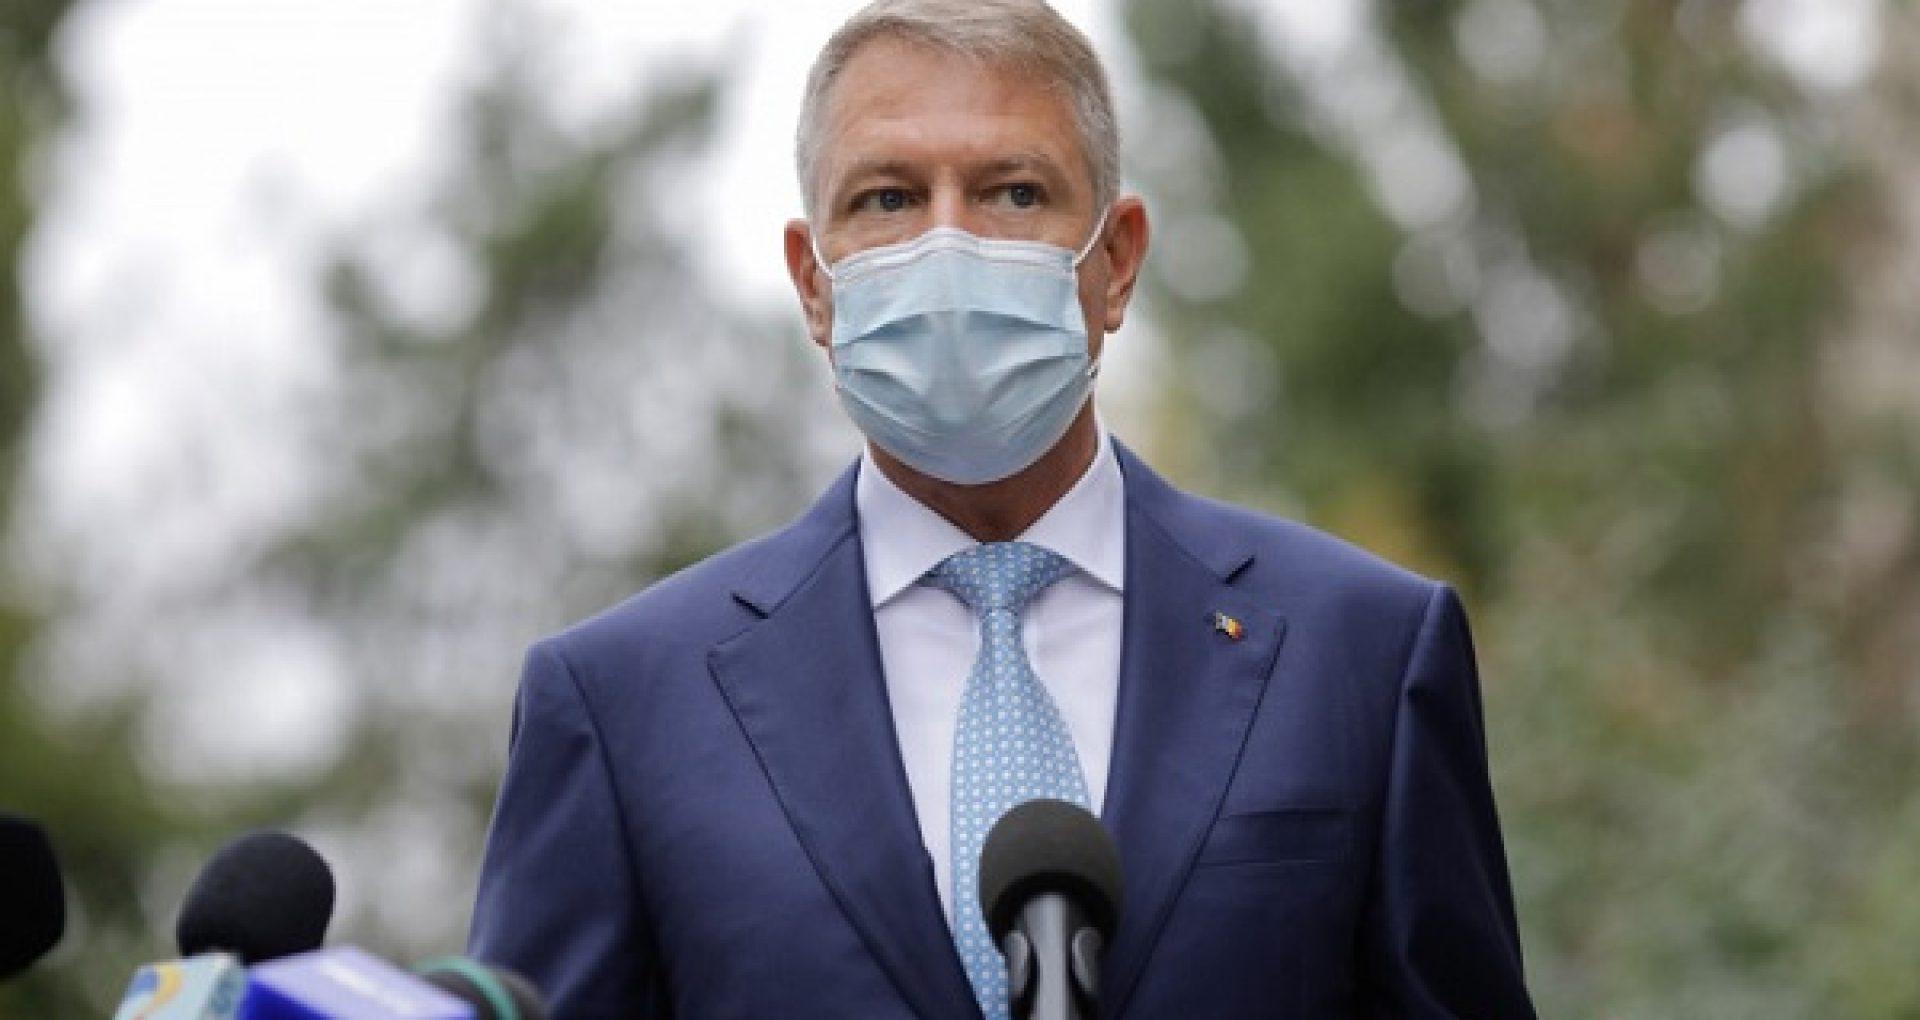 România nu va intra în lockdown după alegerile parlamentare. Declarația președintelui român Klaus Iohannis